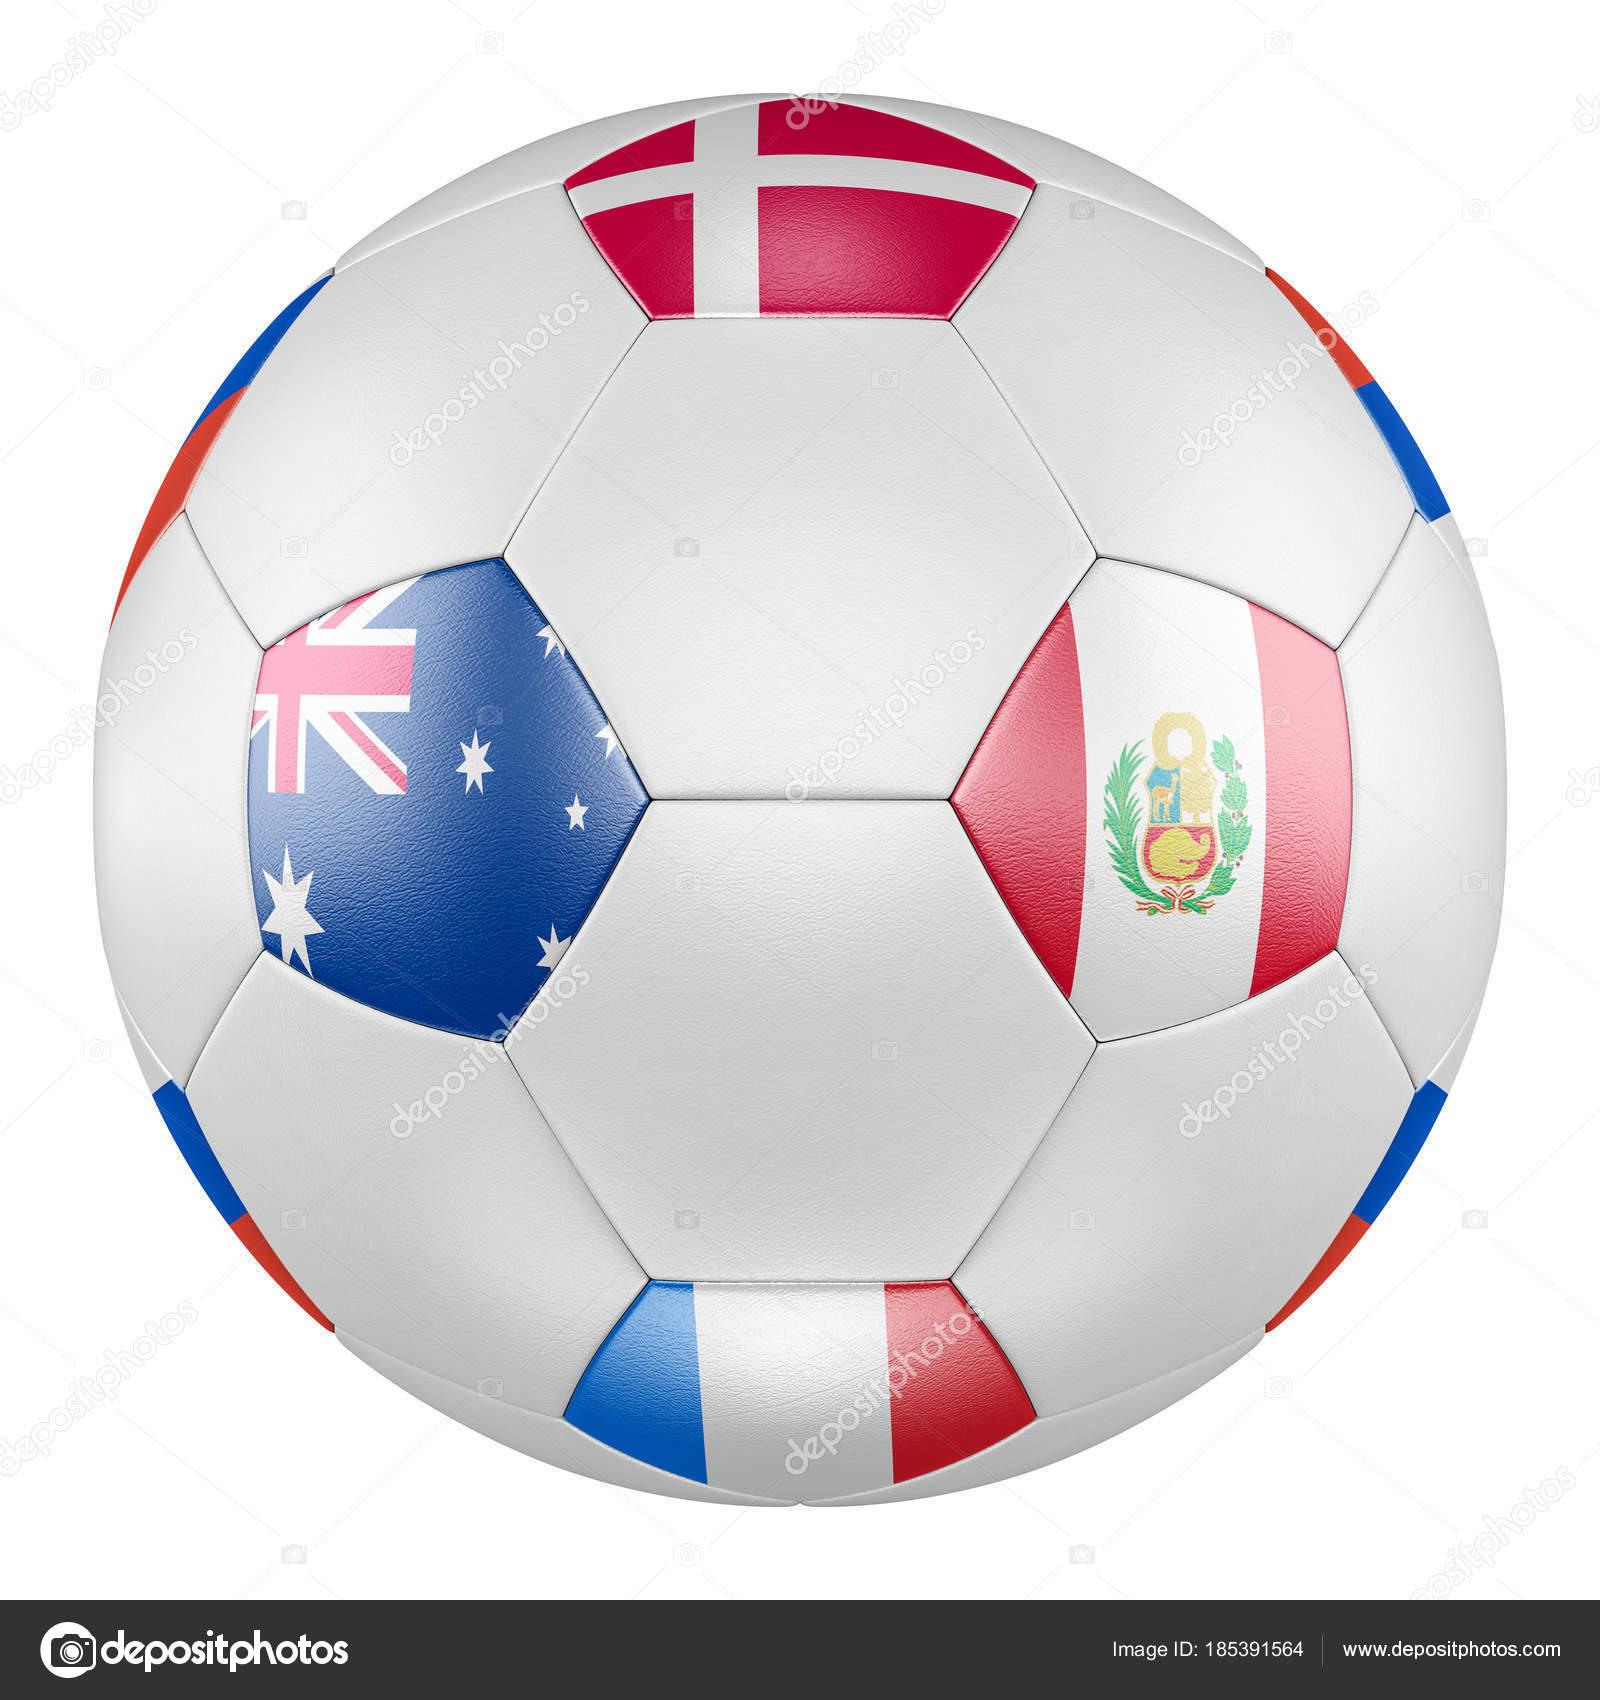 D Voetbal Met Groep C Vlaggen Van Denemarken Frankrijk Australie Peru Op Witte Achtergrond Match Tussen Australie En Peru Foto Van Lvv